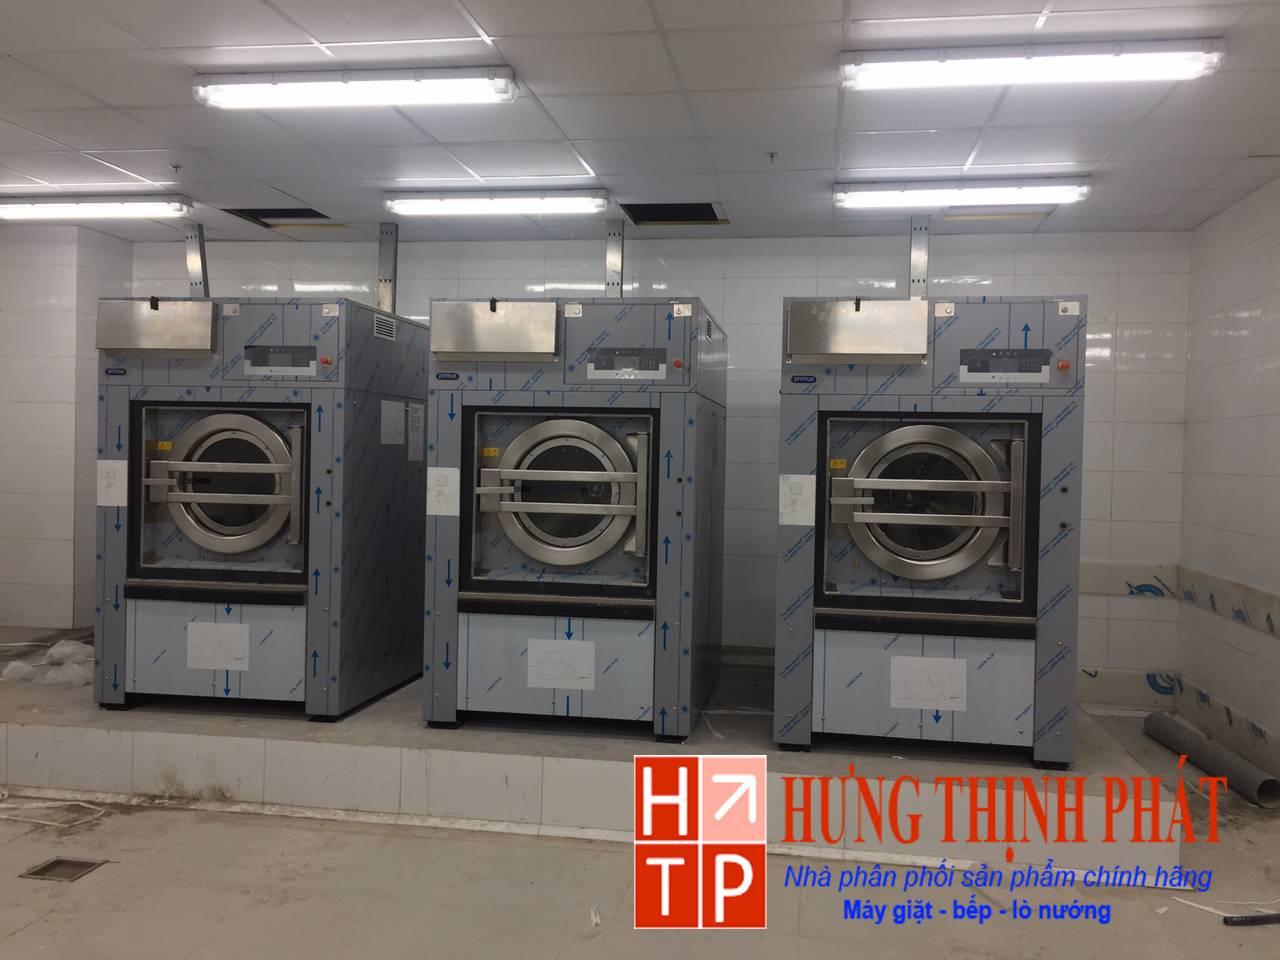 Dự án lắp đặt hệ thống giặt là tại sân bay Nội Bài – Hà Nội